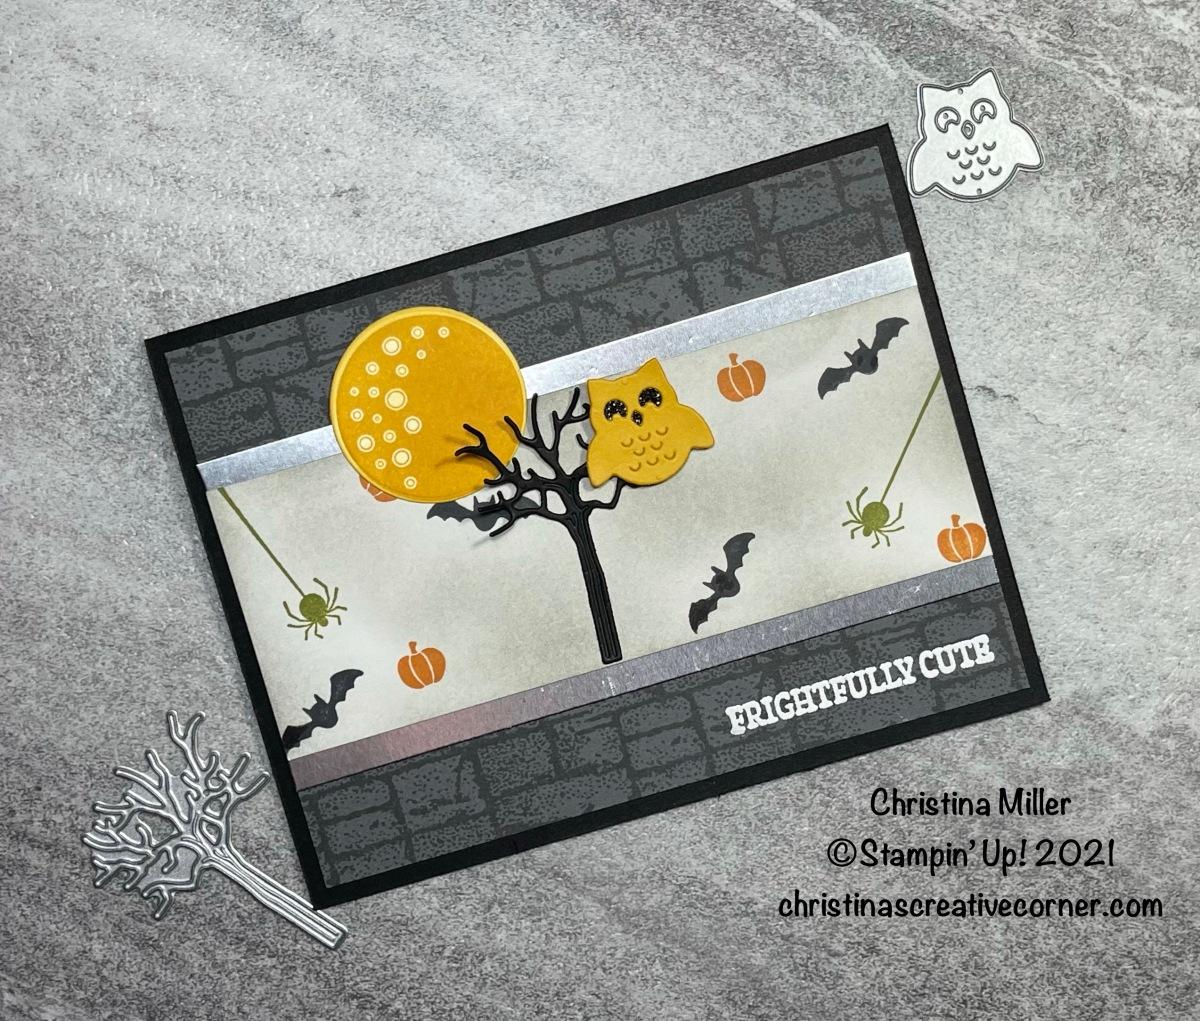 A Frightfully Cute HalloweenCard!